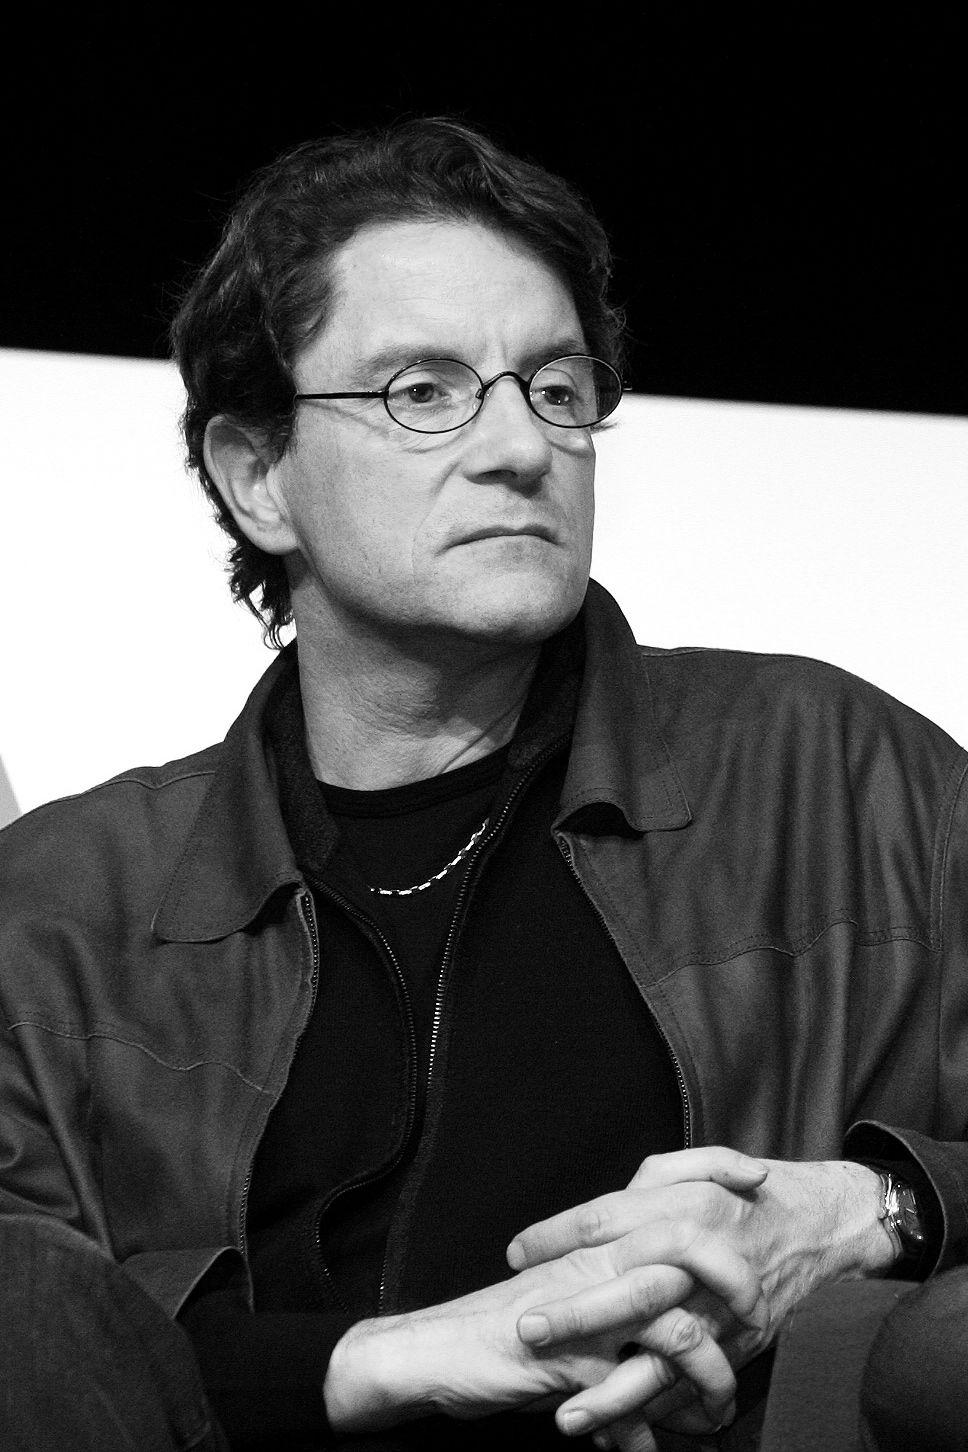 Portrait réalisé en 2005